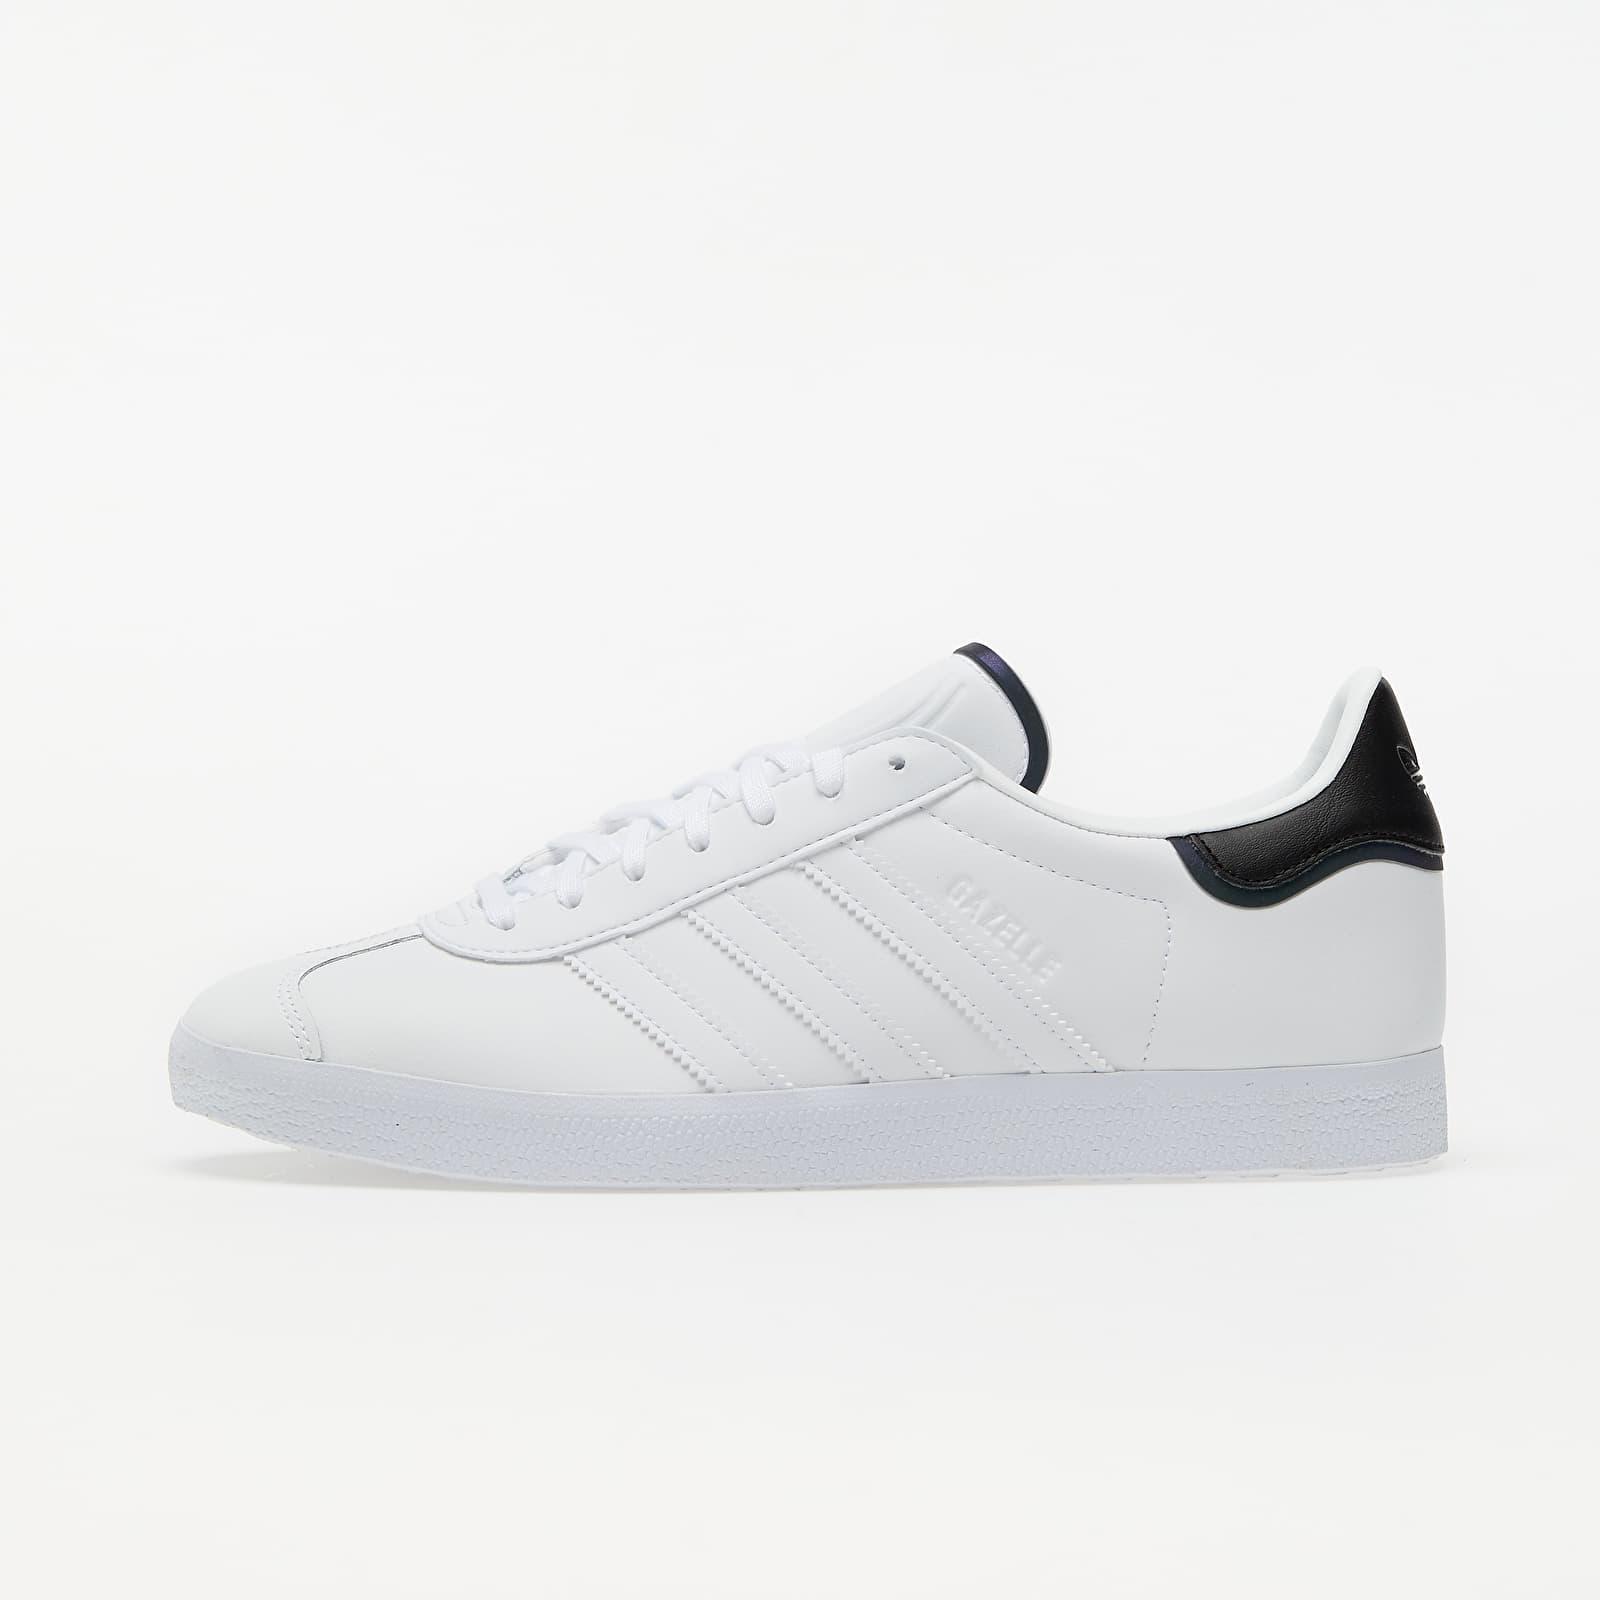 adidas Gazelle Ftw White/ Ftw White/ Core Black EUR 40